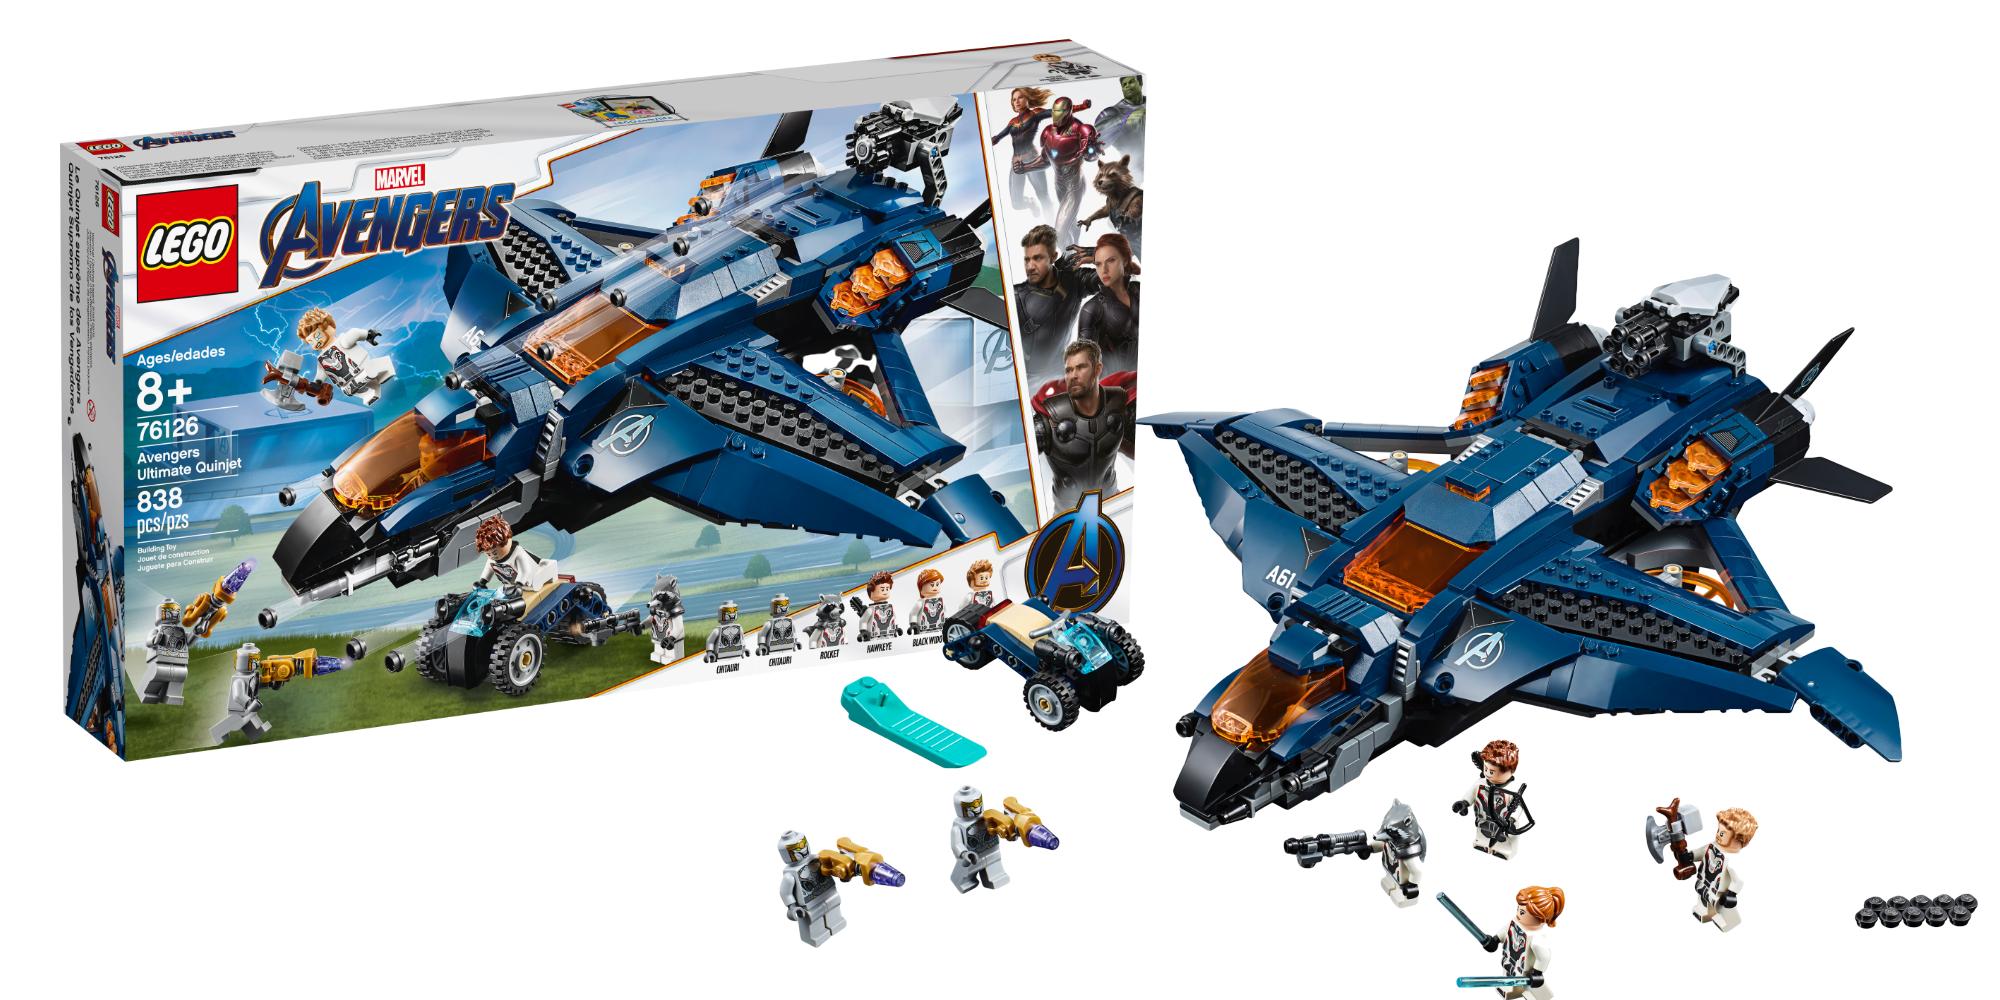 LEGO Avengers Endgame Kits